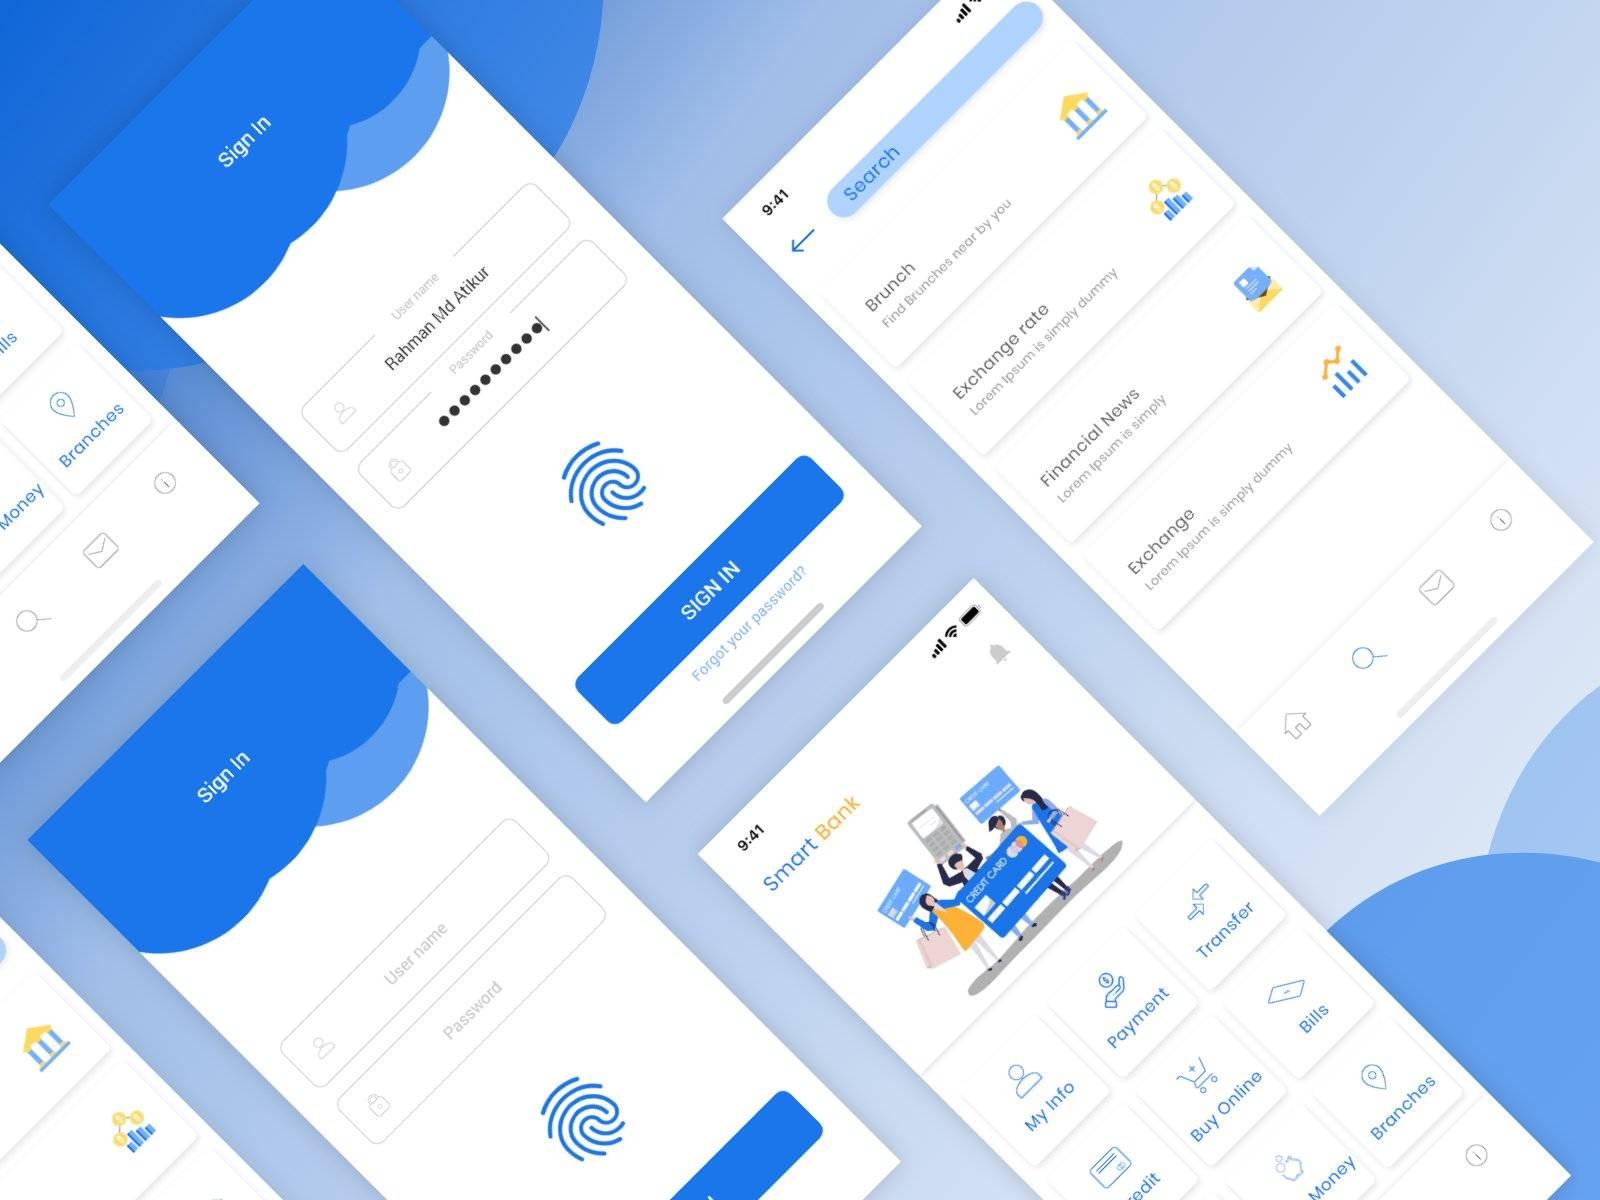 智慧银行Smart Banking App ui界面设计 .xd素材下载 界面-第1张